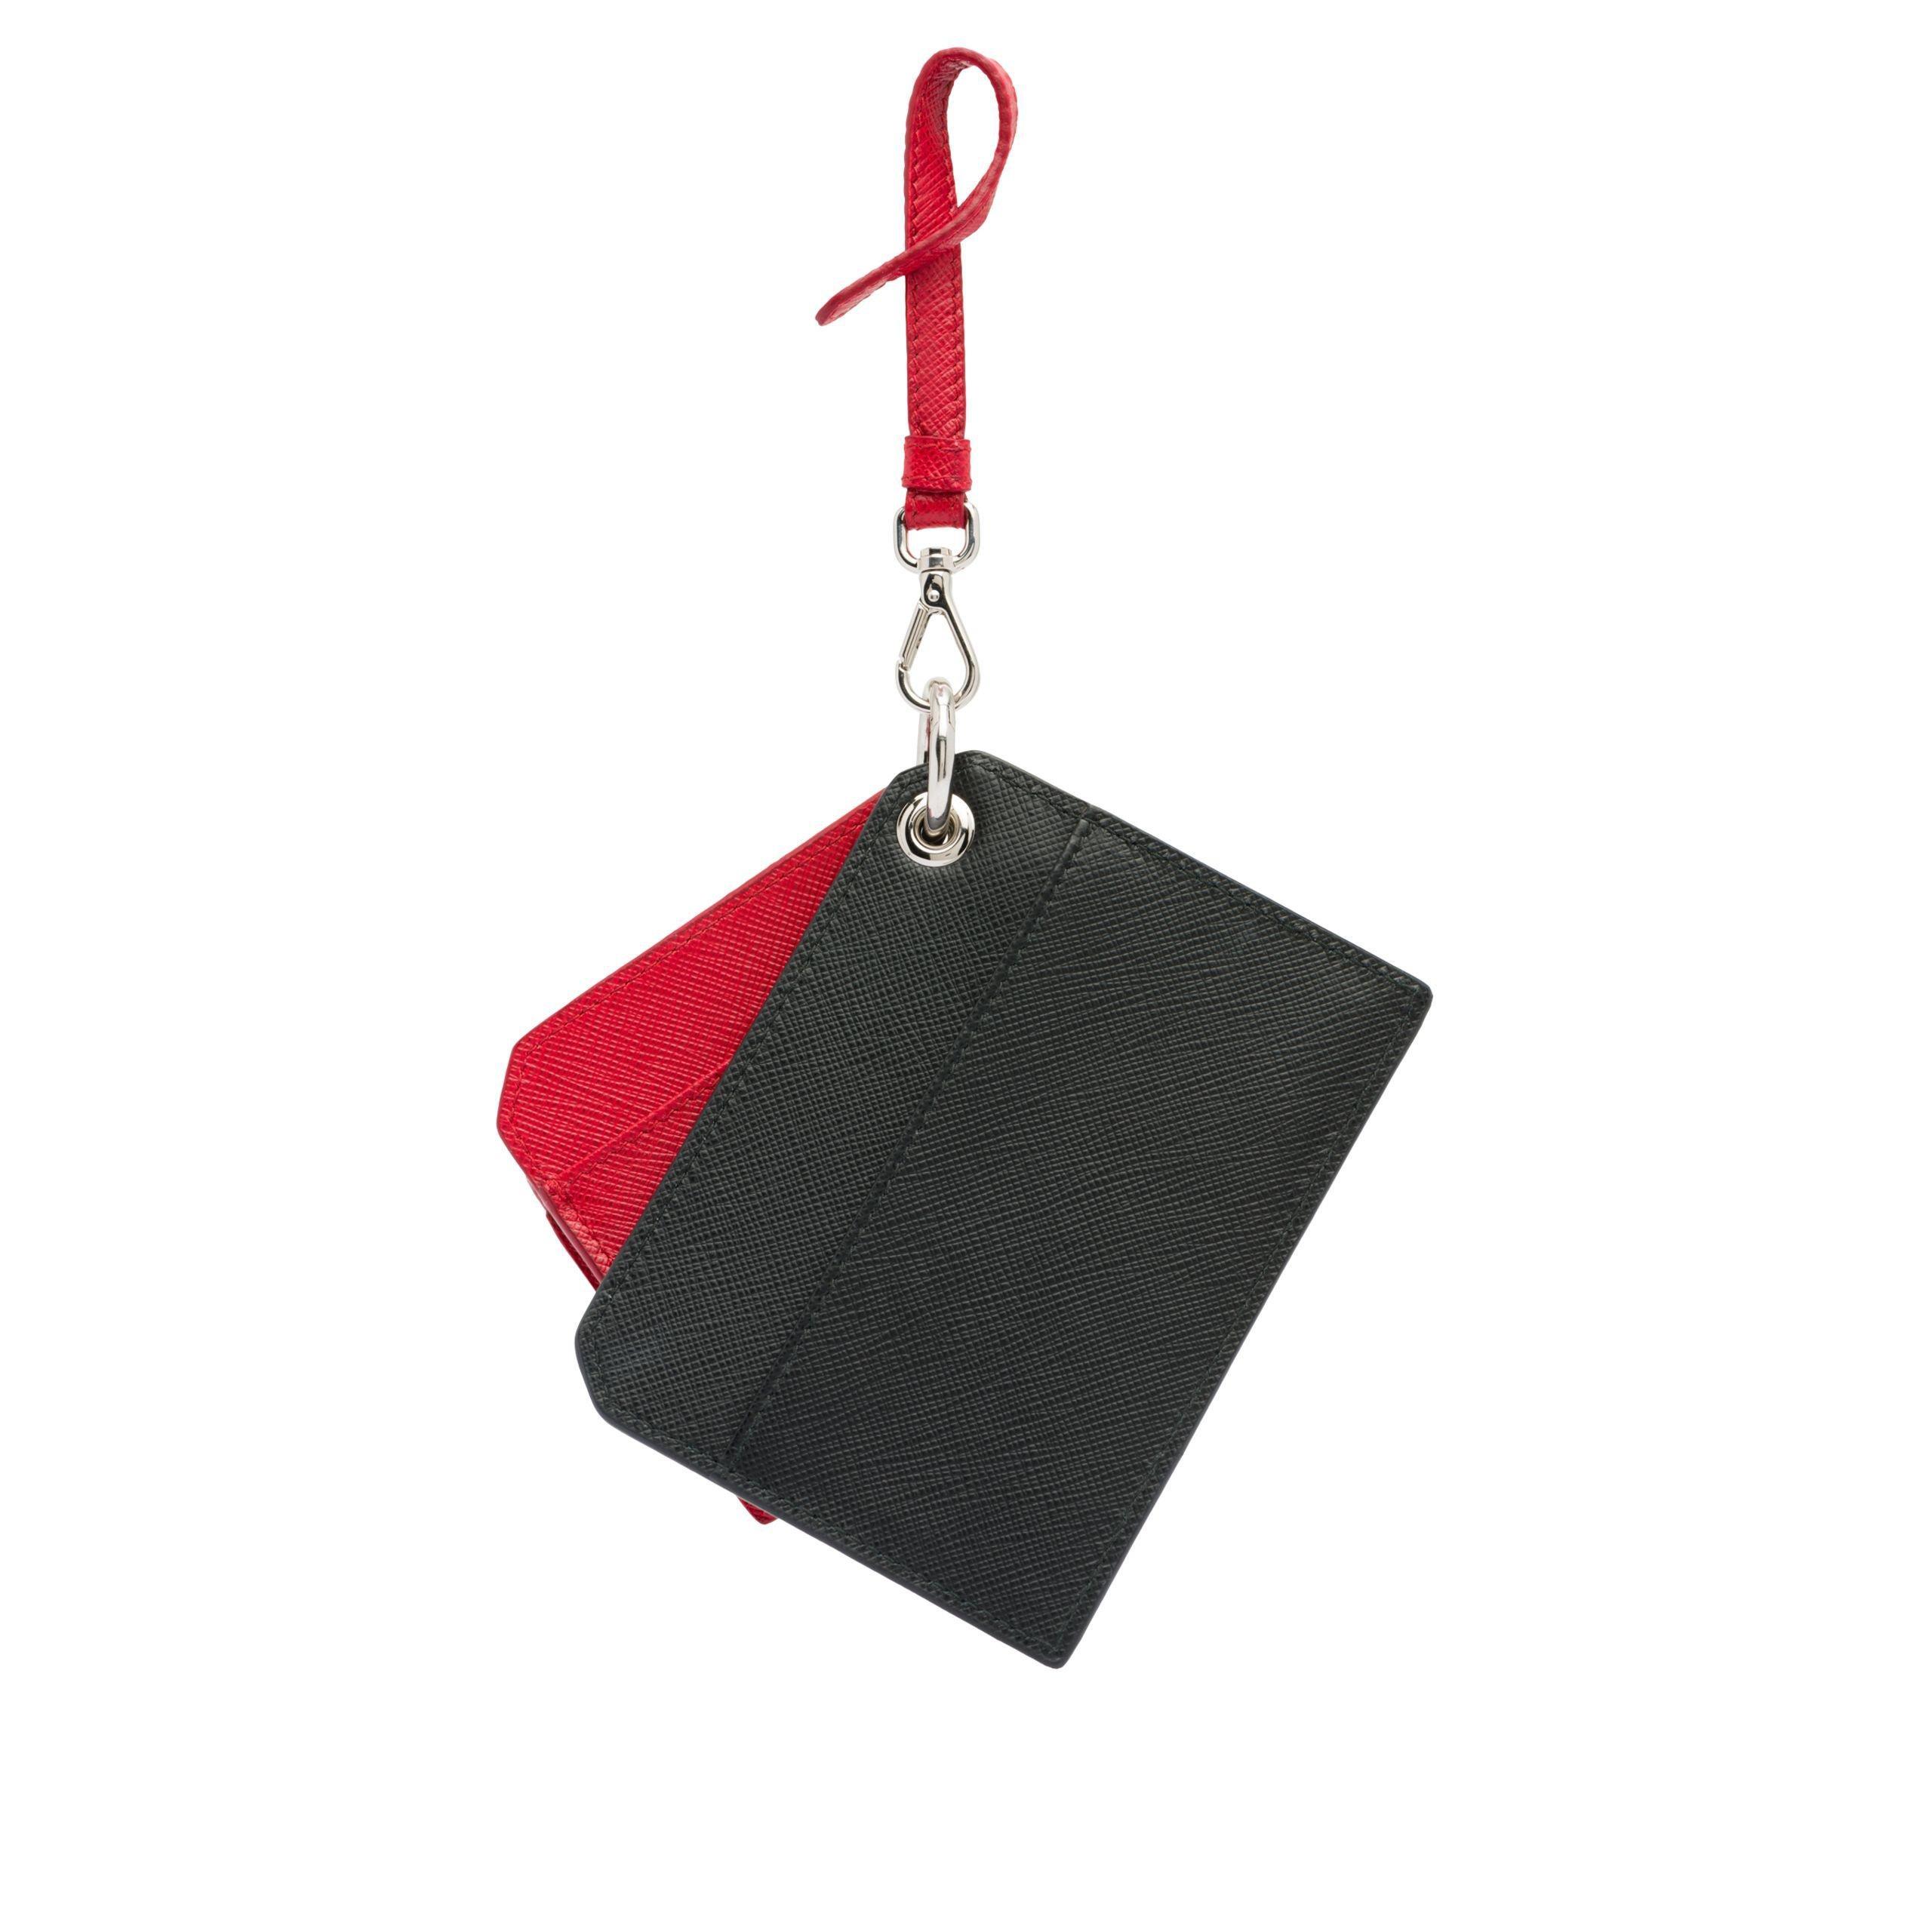 643a7754f1 Women's Malia Leather Keychain Trick